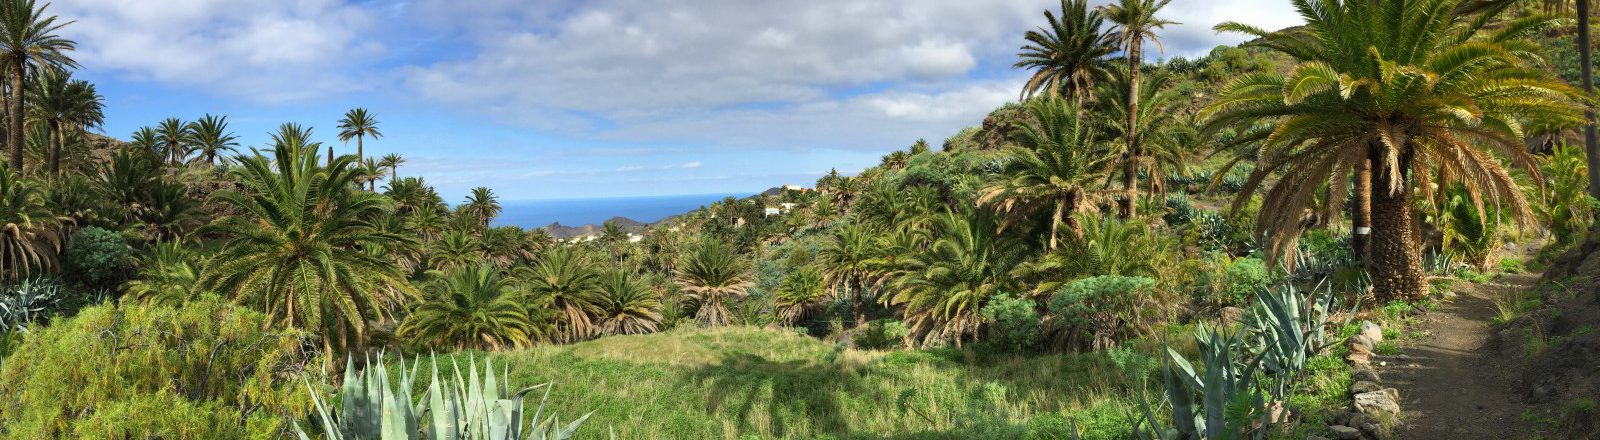 Paesaggio delle palme ad Alojera